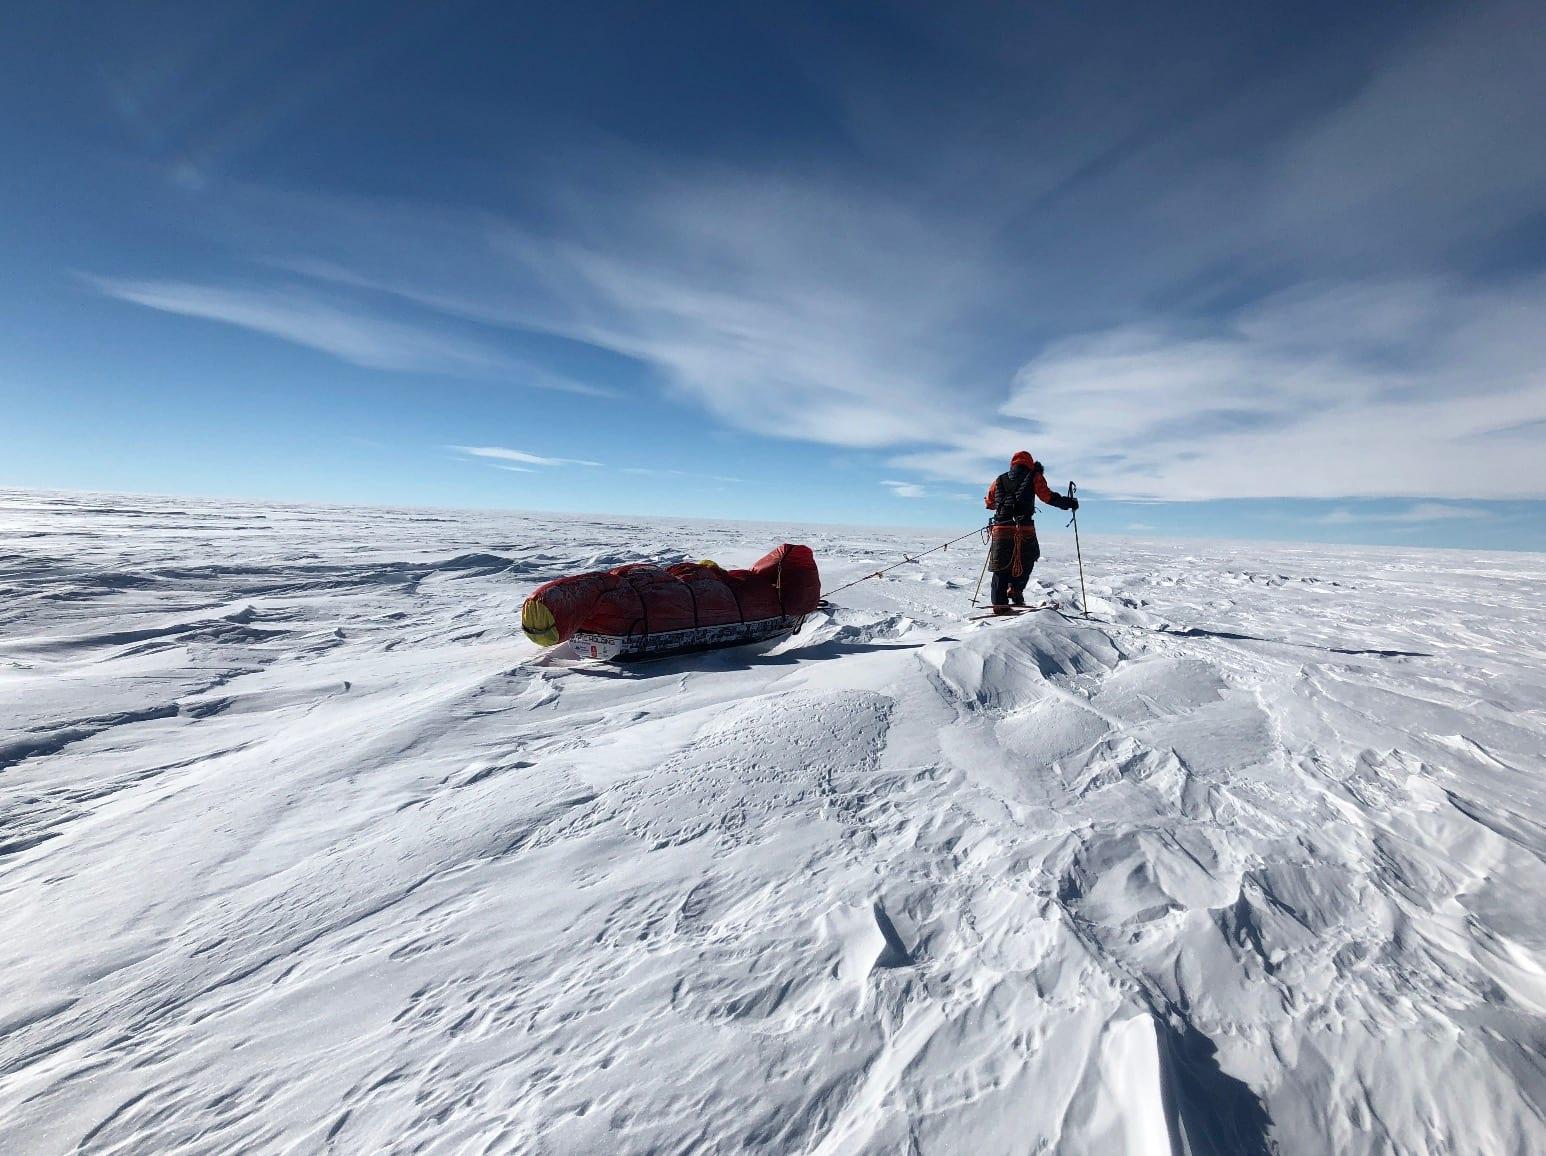 SEIGT: Flatt landskap er ikke helt flatt. Foto: Jan Sverre Sivertsen